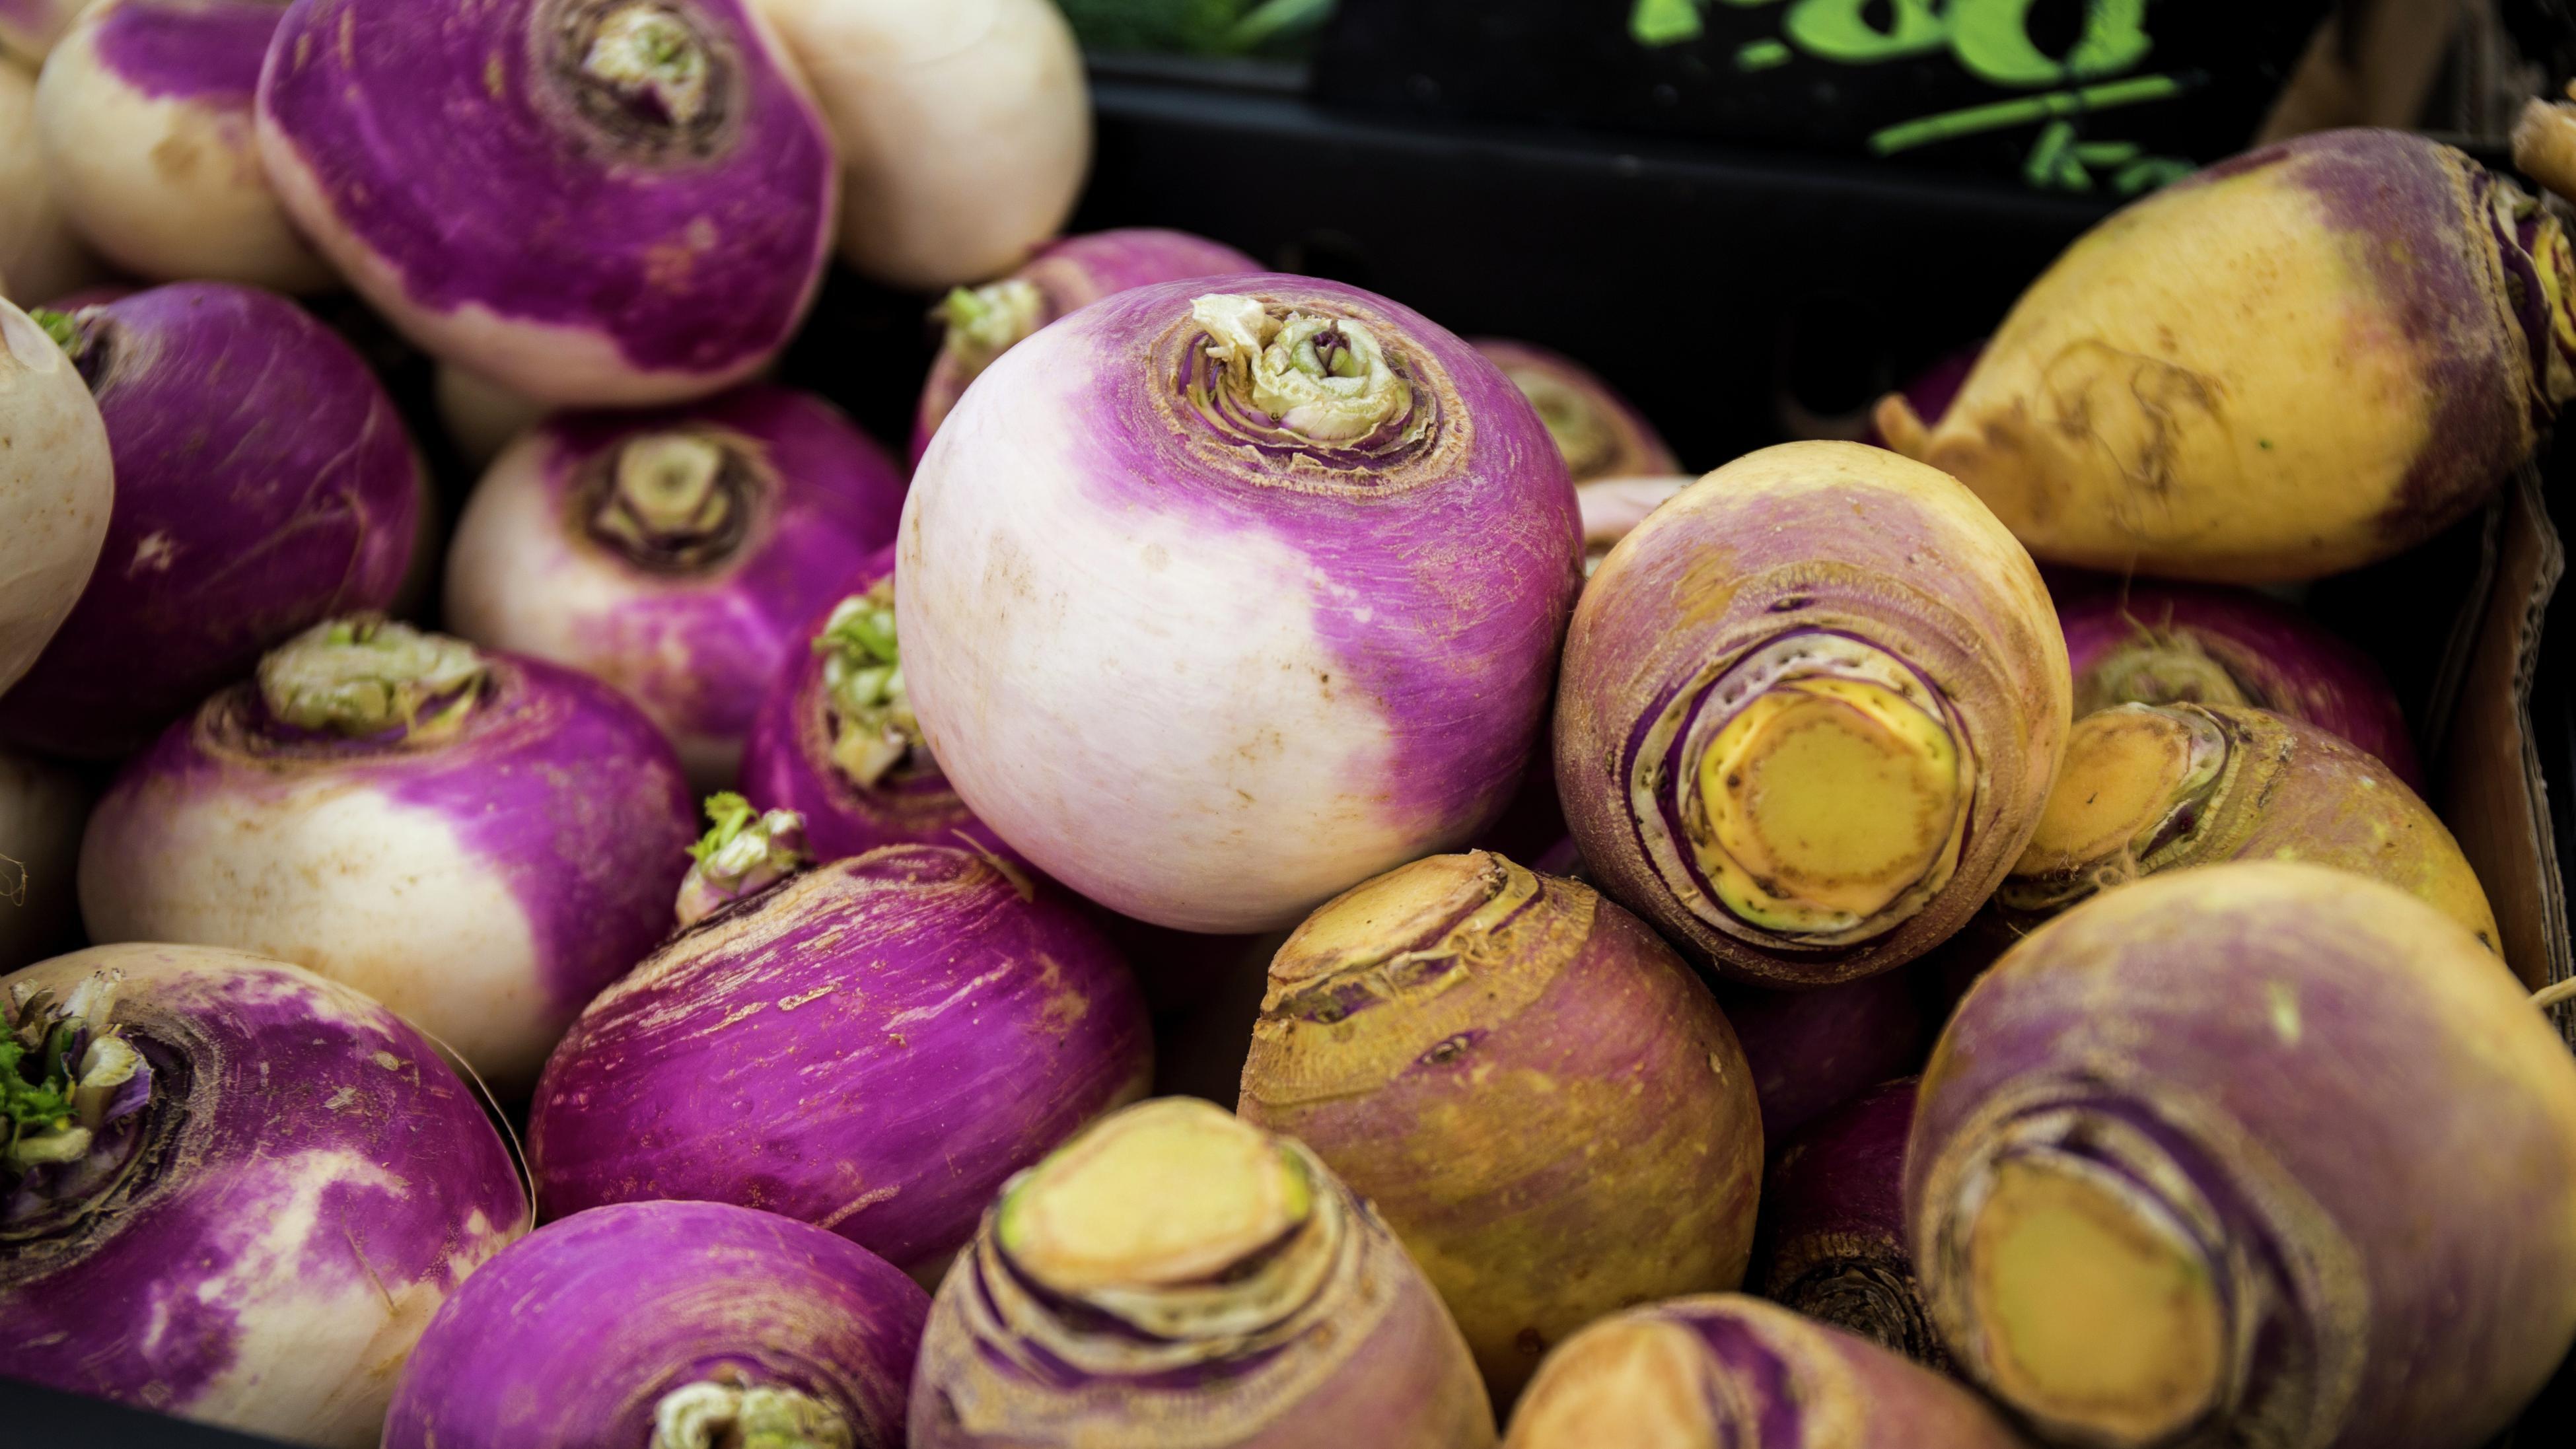 Close-up of swedes (vegetables)